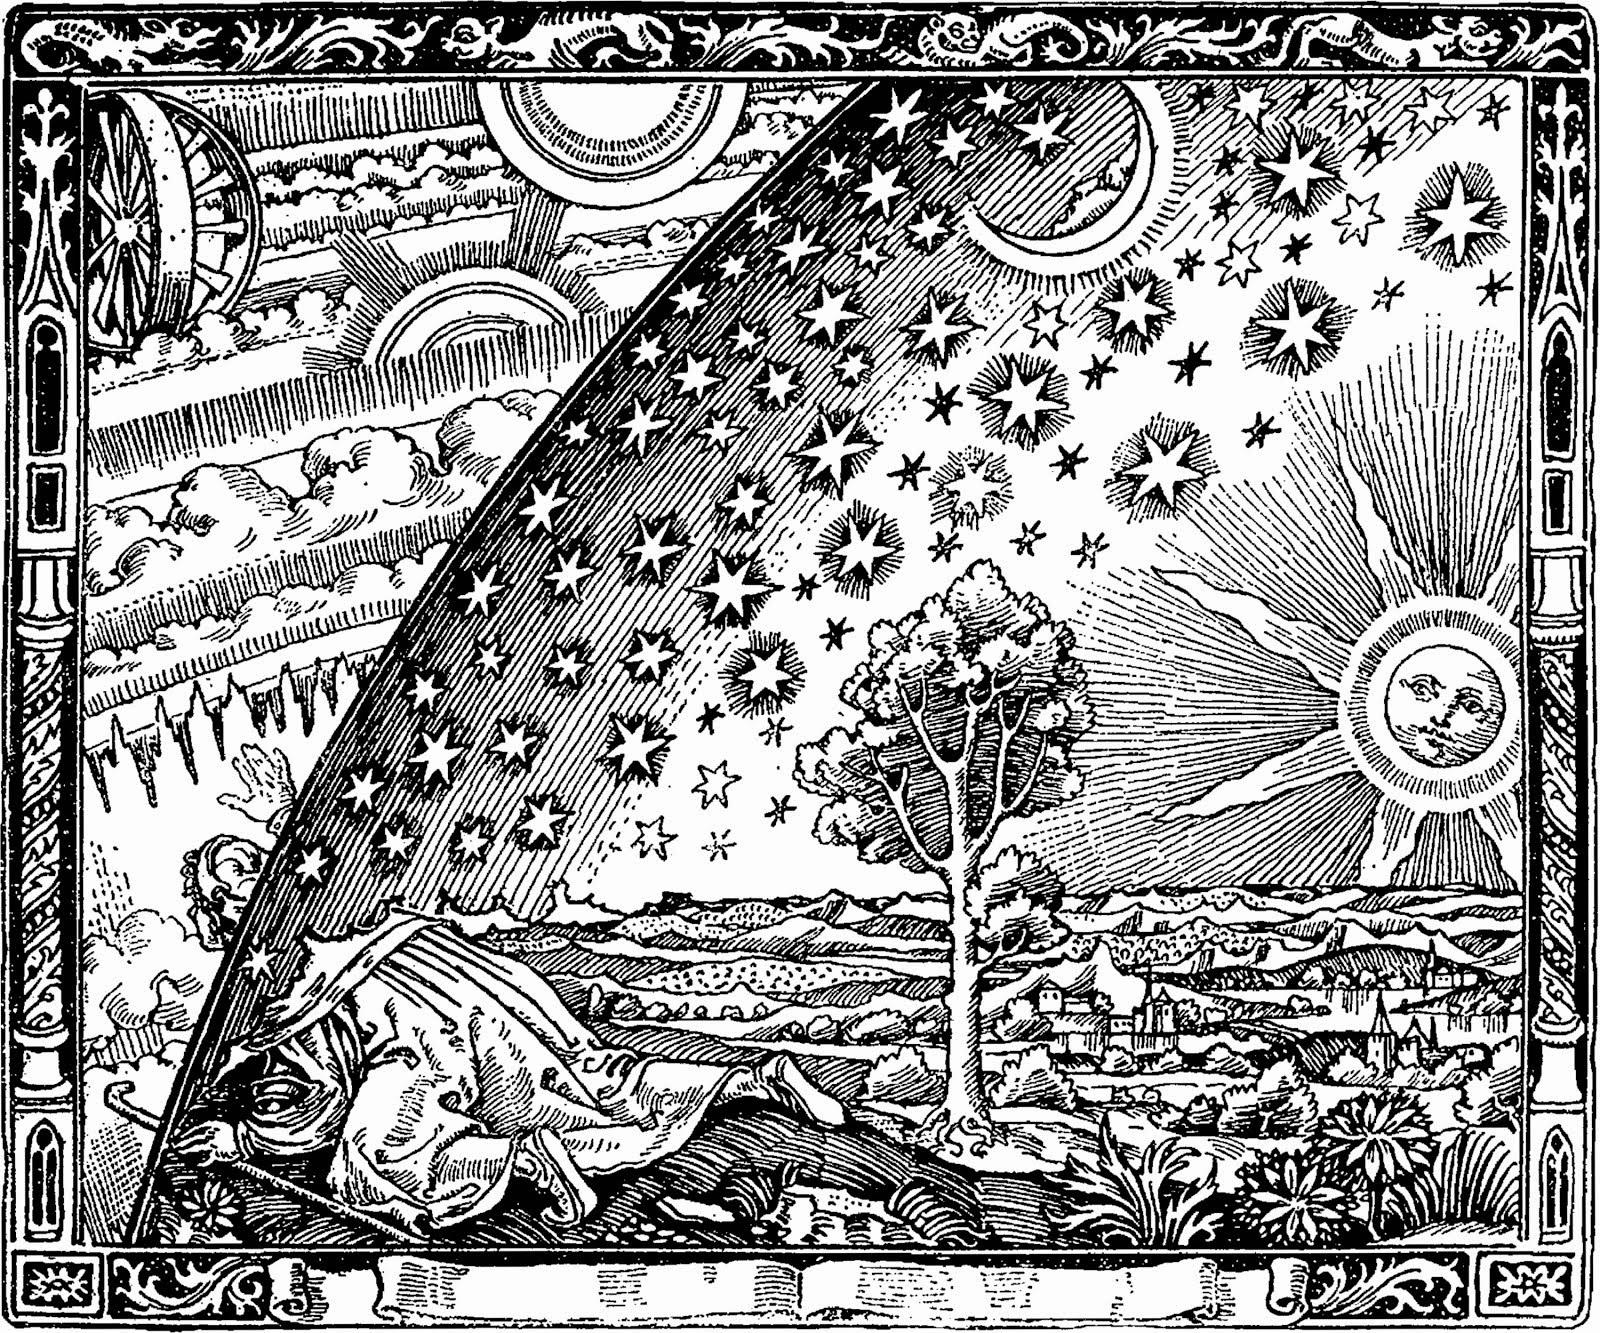 Flammarion engraving, Paris 1888, for Flammarion's 1888 L'atmosphère : météorologie populaire